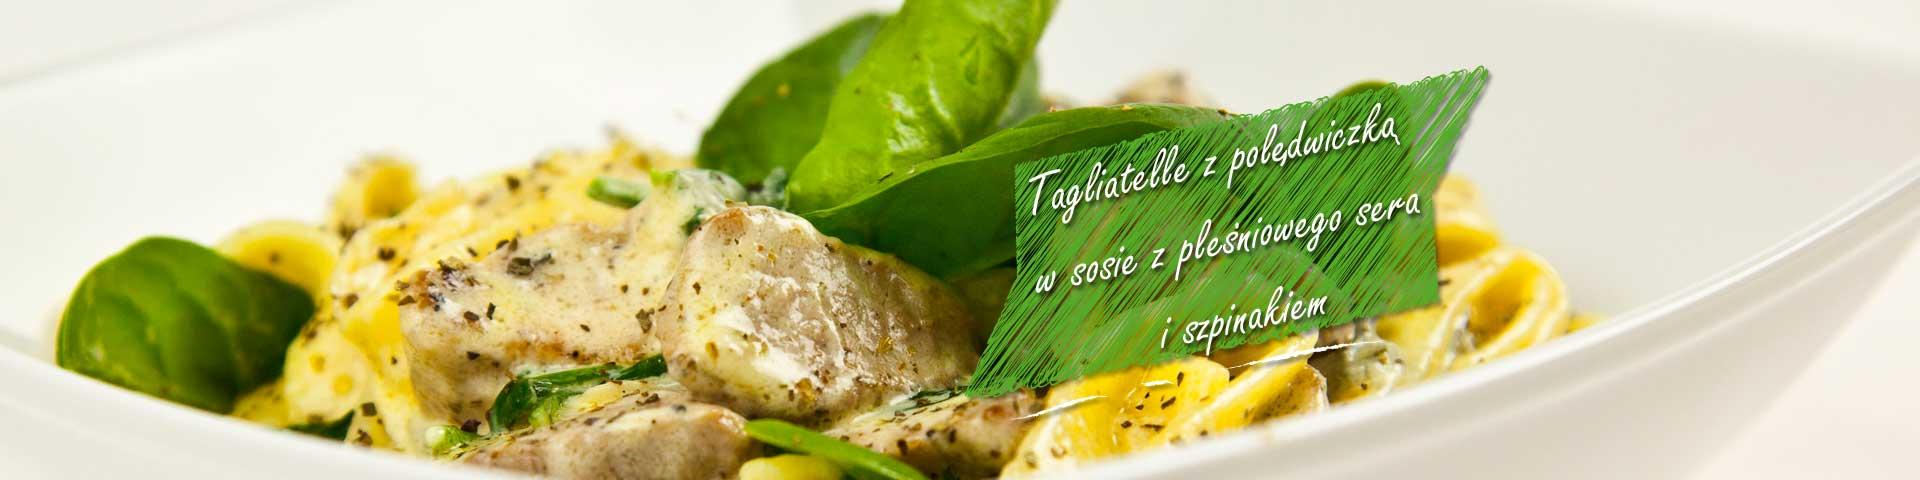 Tagliatelle z polędwiczką i szpinakiem w sosie pleśniowym